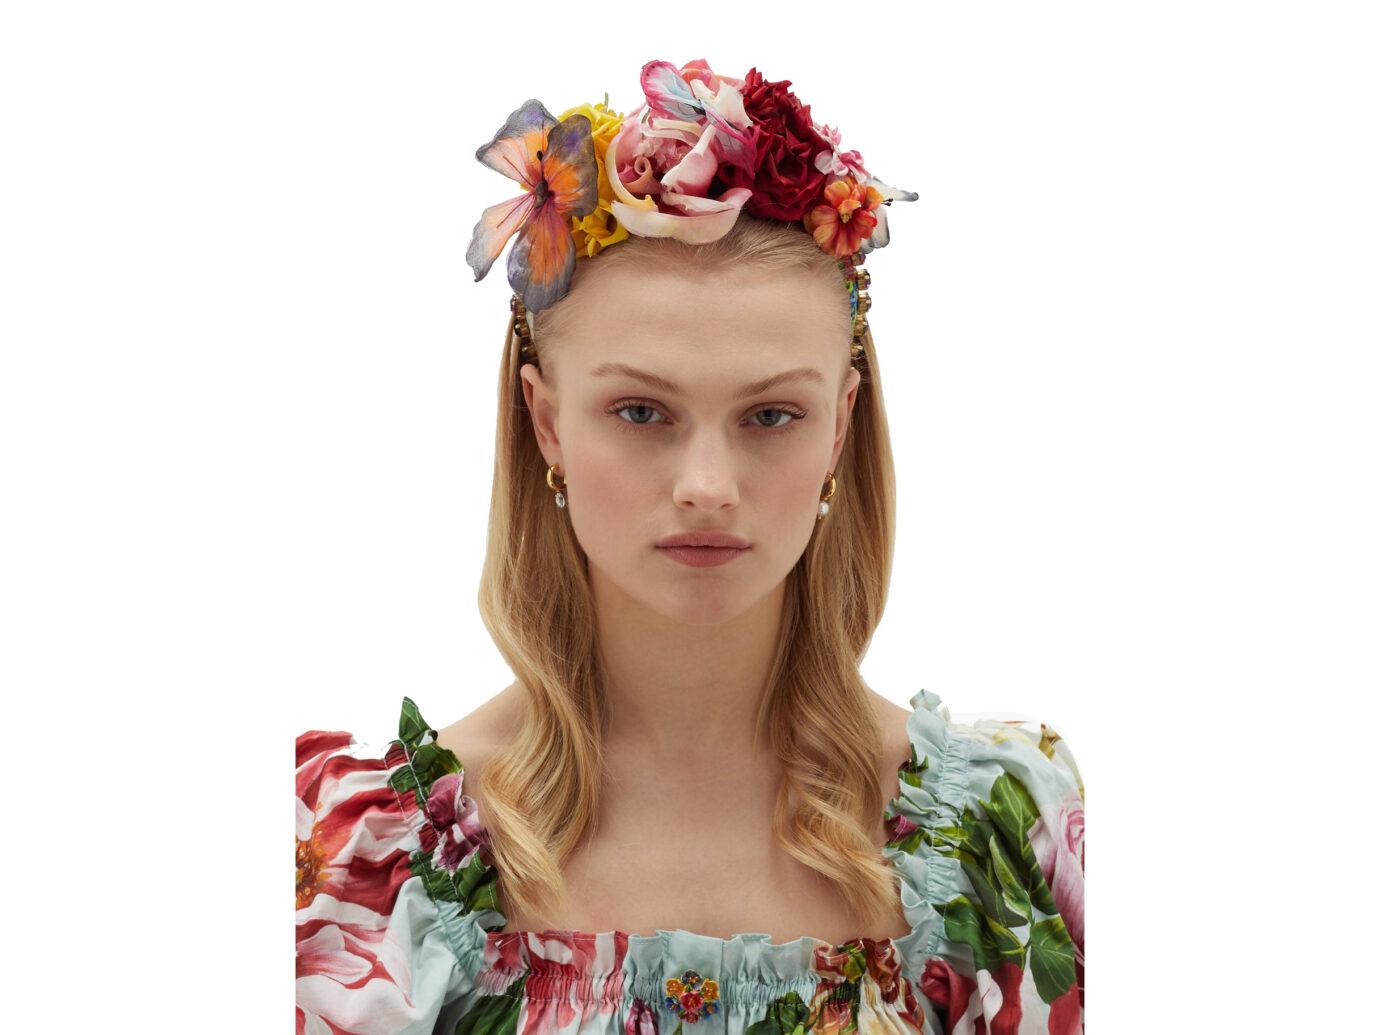 LCE & GABBANA Domenico Dolce & Gabbana Flower and crystal-embellished silk headband